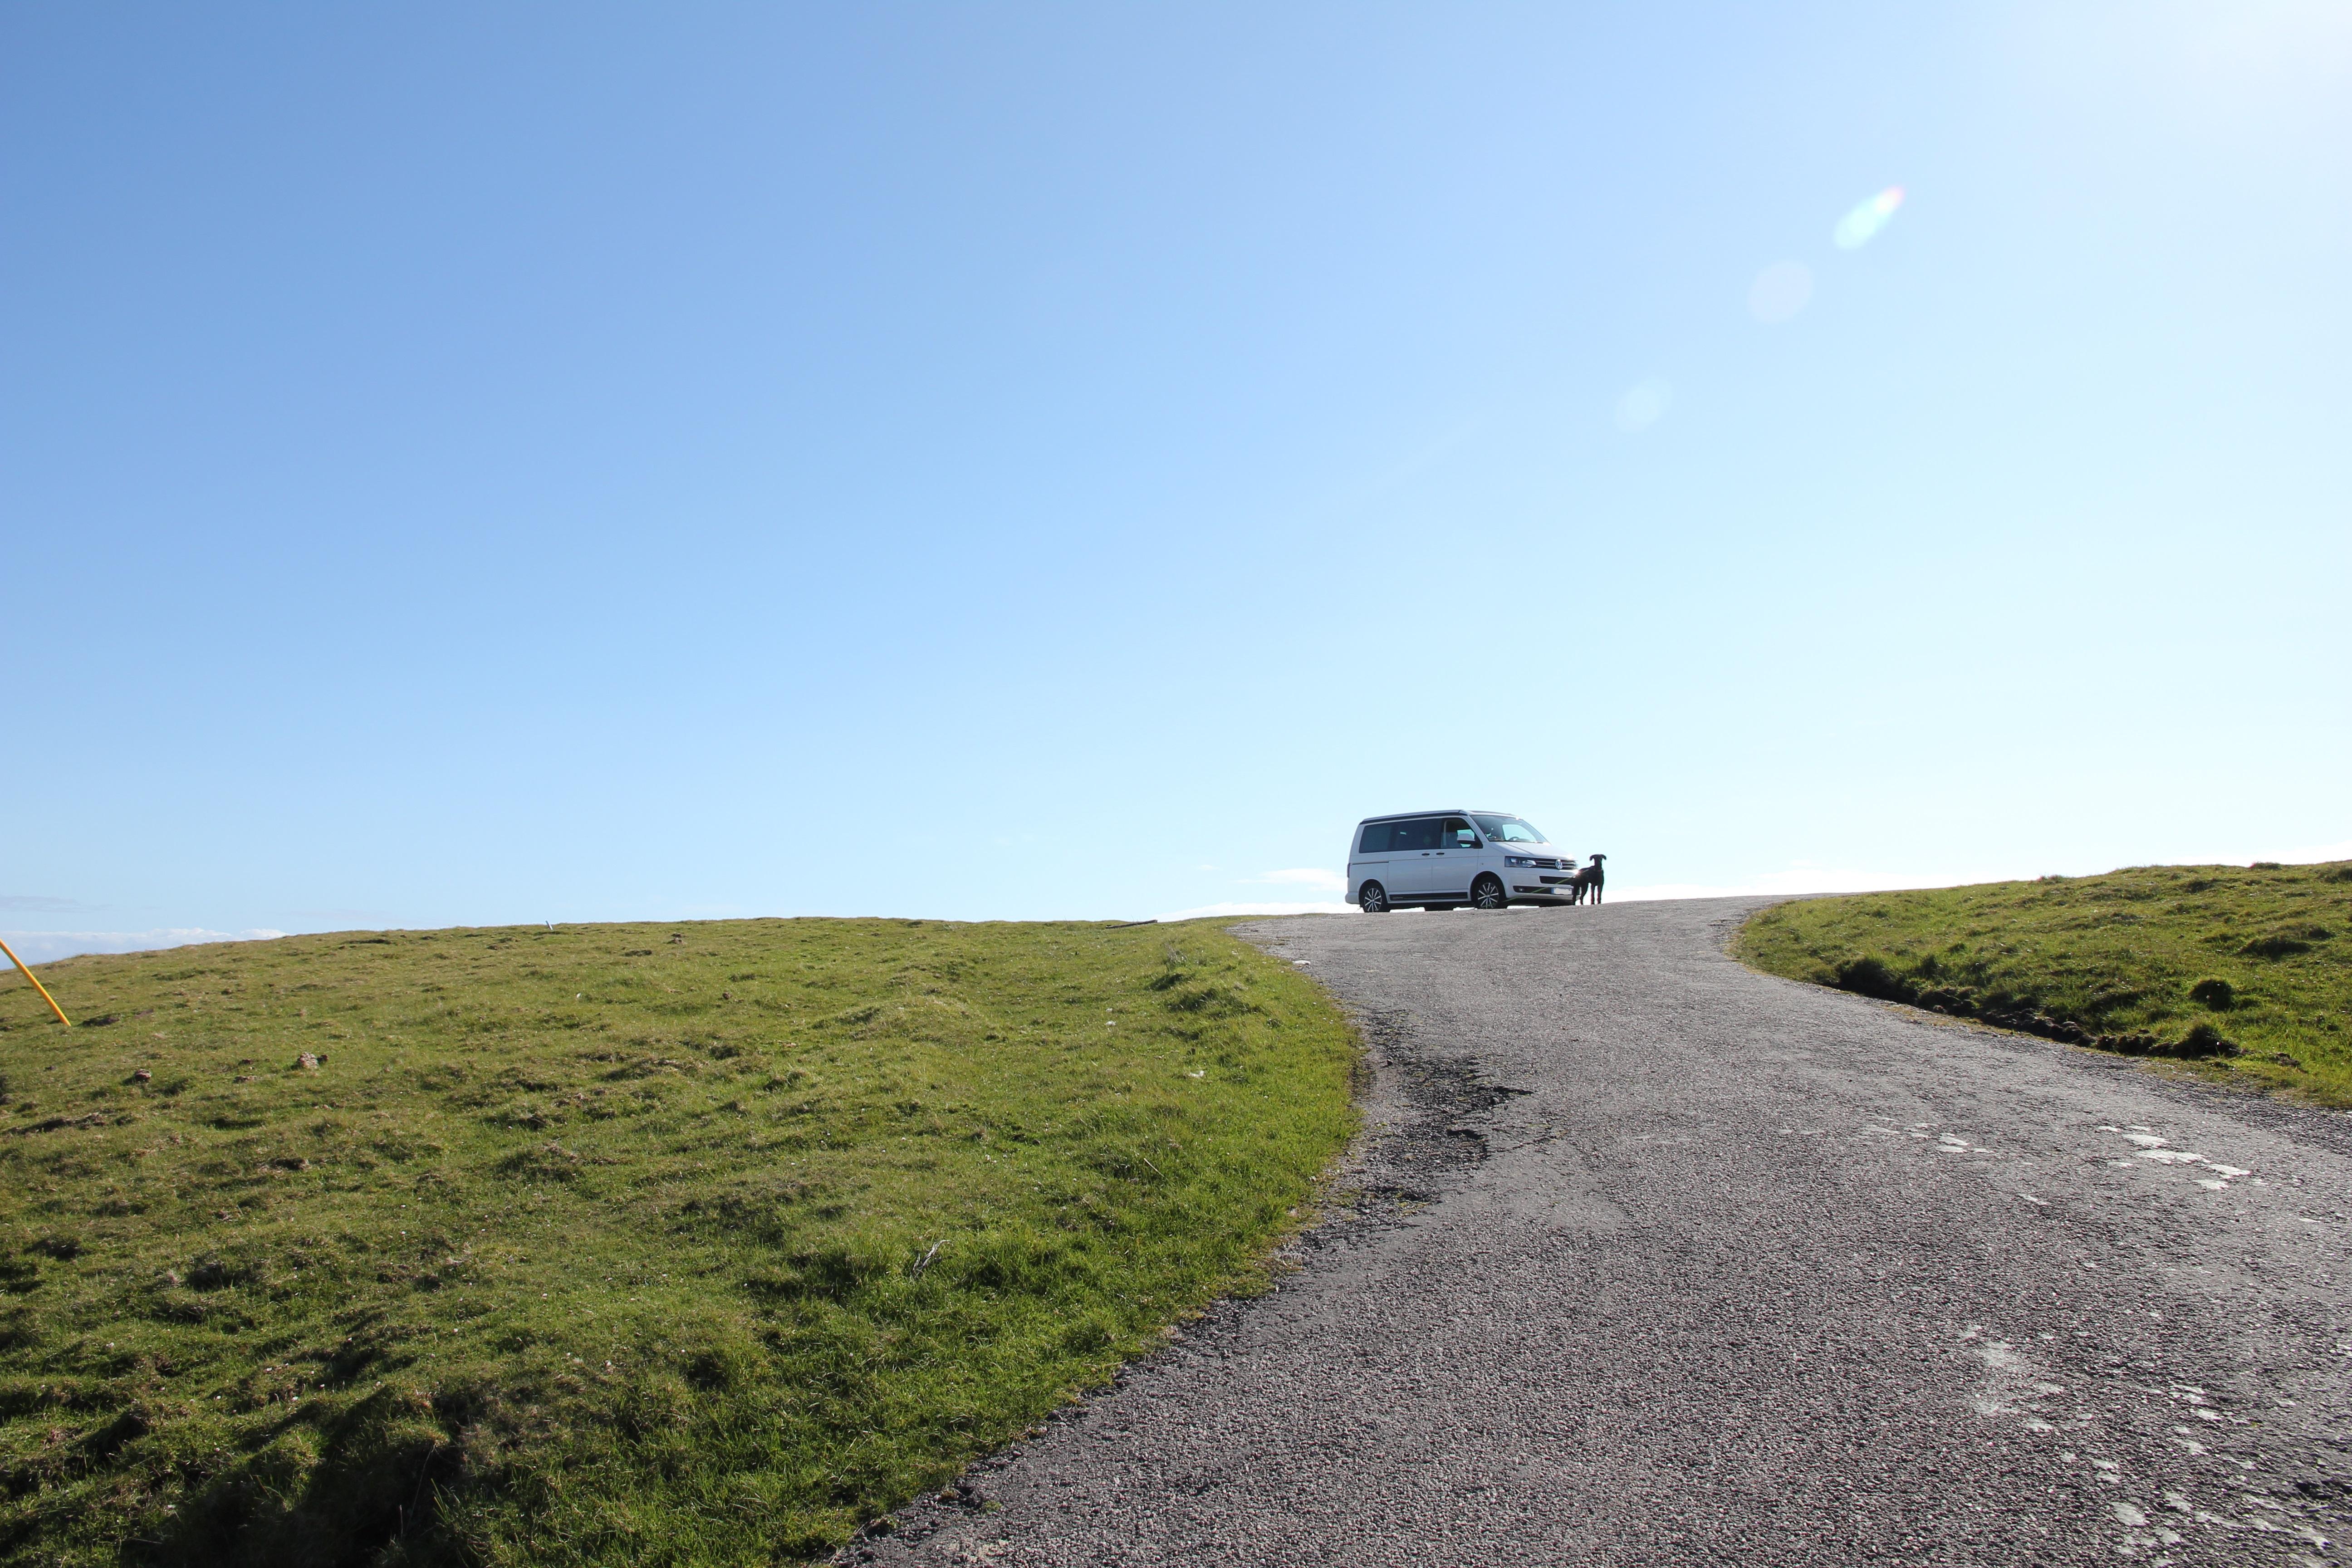 Reisebericht Schottland, UK Teil 3/3: Unser Roadtrip in Schottland die zweite Hälfte: Loch Ness, Nord- und Ostküste